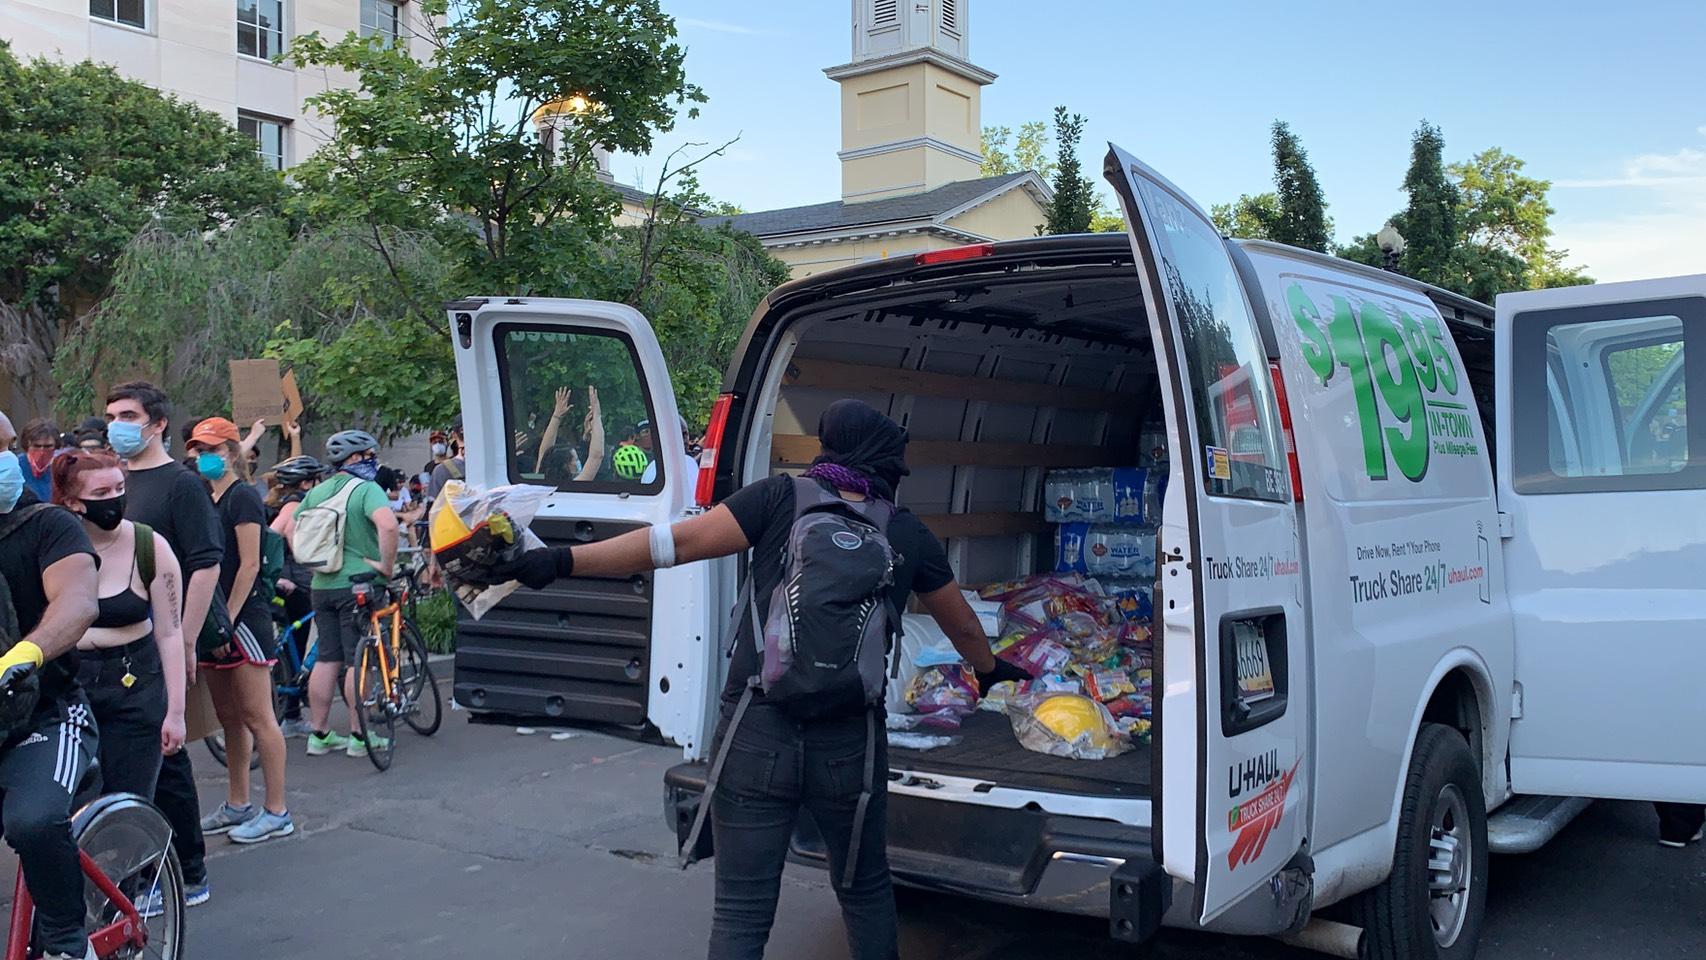 民眾駕一輛U-Hall進入拉法葉公園附近的抗議區域,發放物資給示威民眾。(記者張筠/攝影)